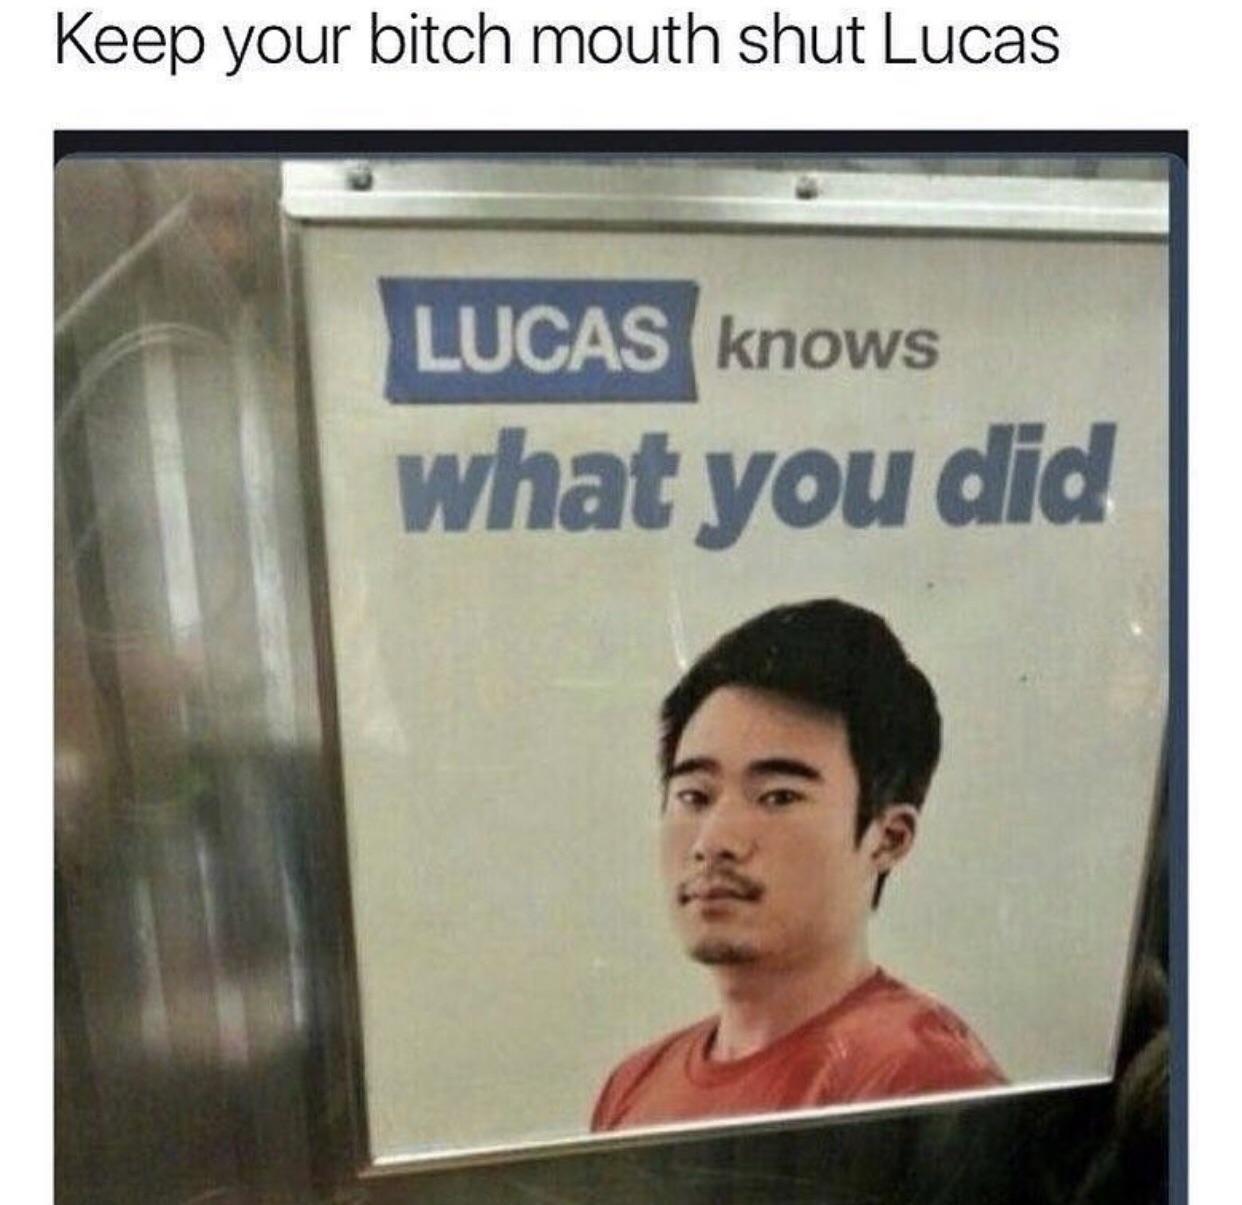 Better shut up Lucas - meme